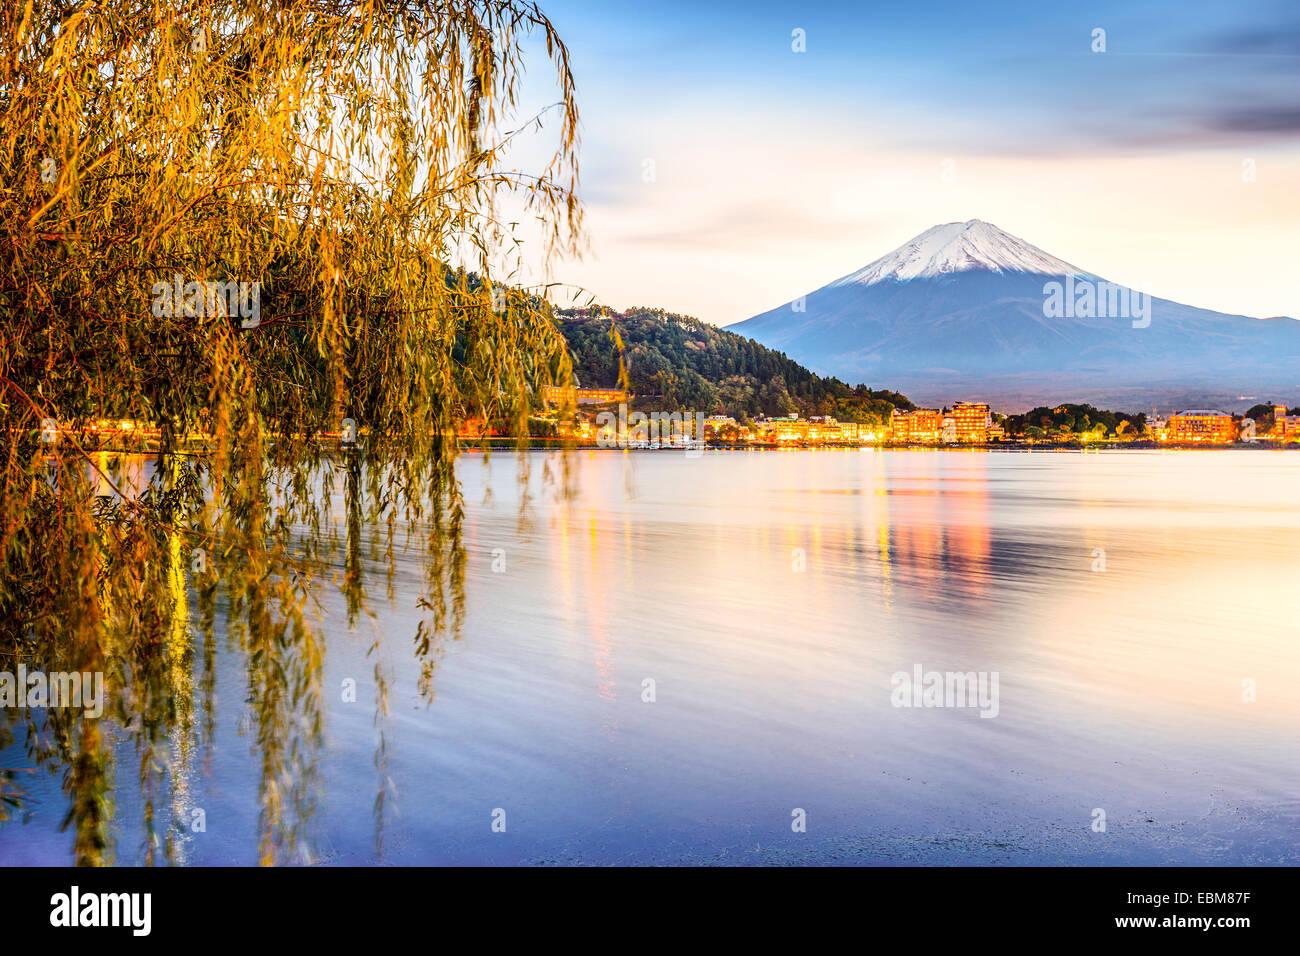 Mt. Fuji presso il Lago Kawaguchi in Giappone. Immagini Stock